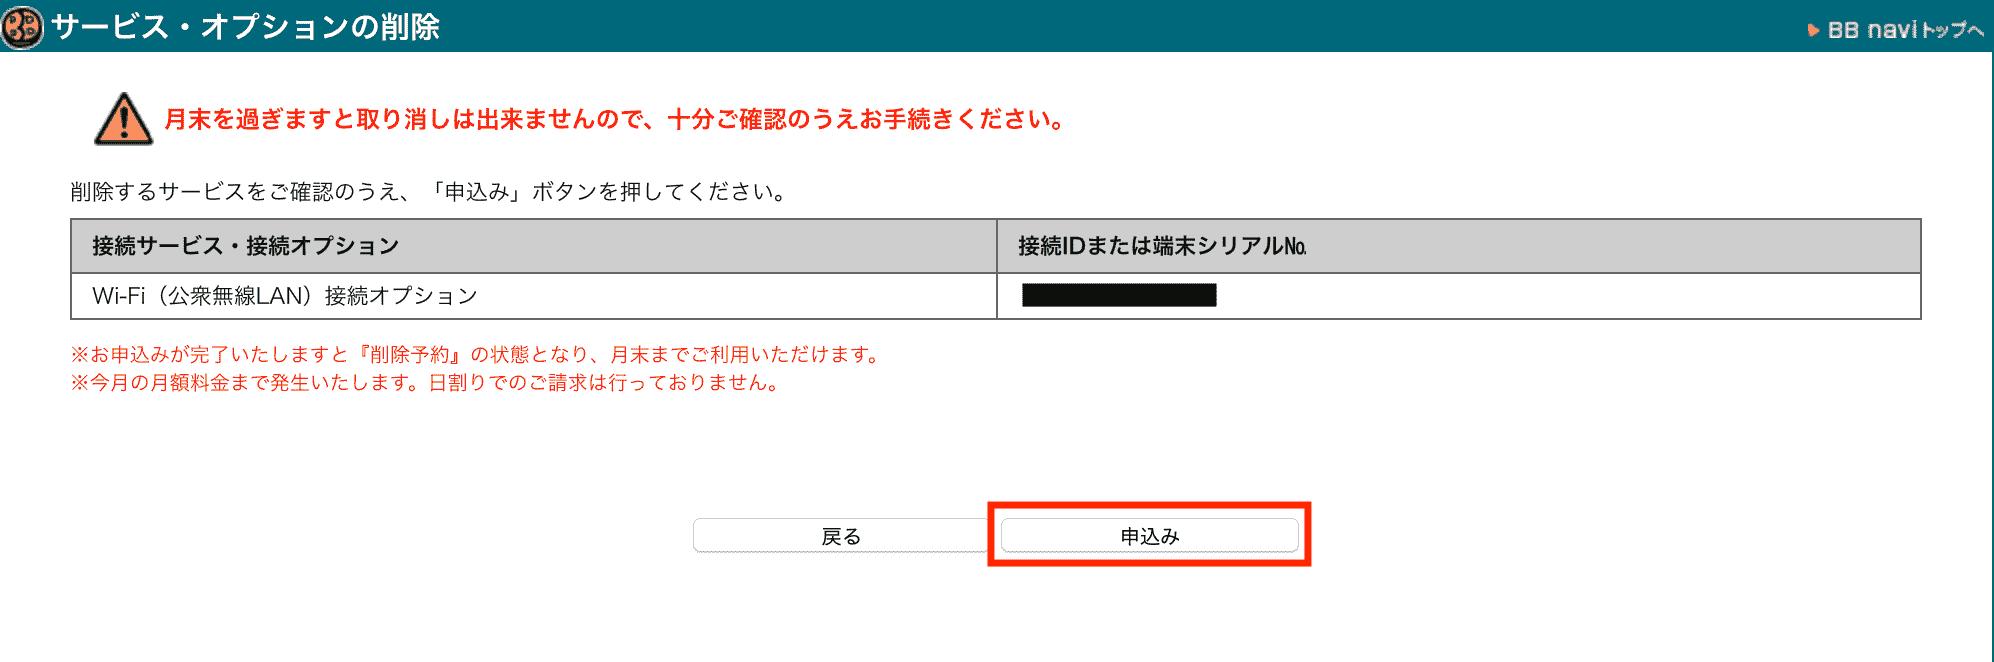 公衆Wi-Fiオプションの解約ページ